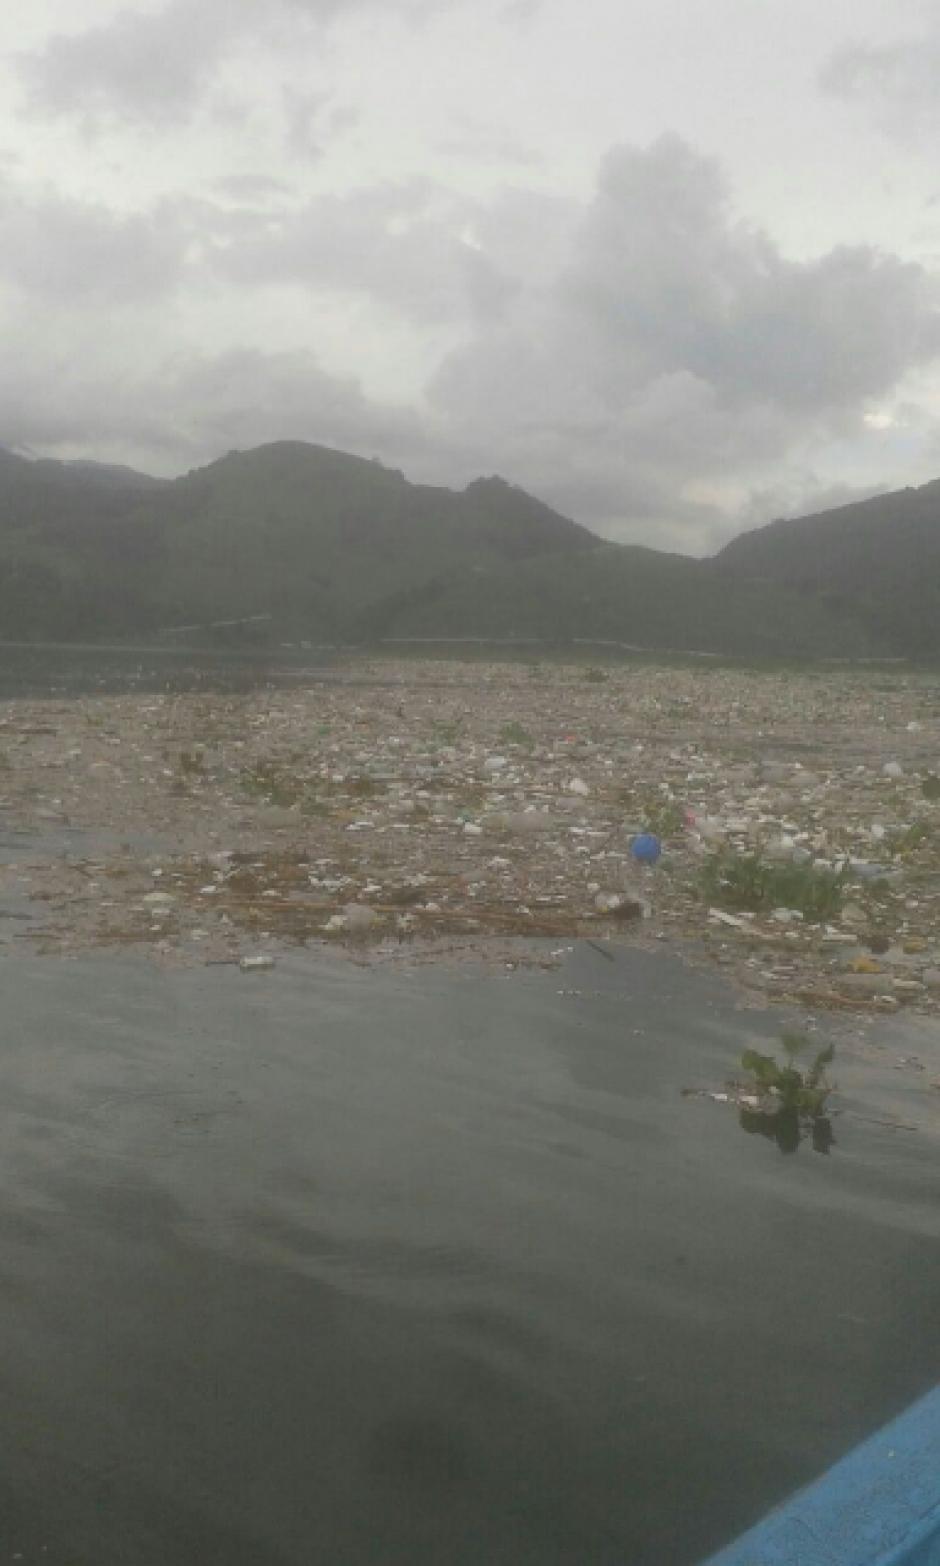 De acuerdo al director de Amsa todos los días se acumula aproximadamente mil metros cúbicos de material sólido. (Foto: Twitter, AMSA)